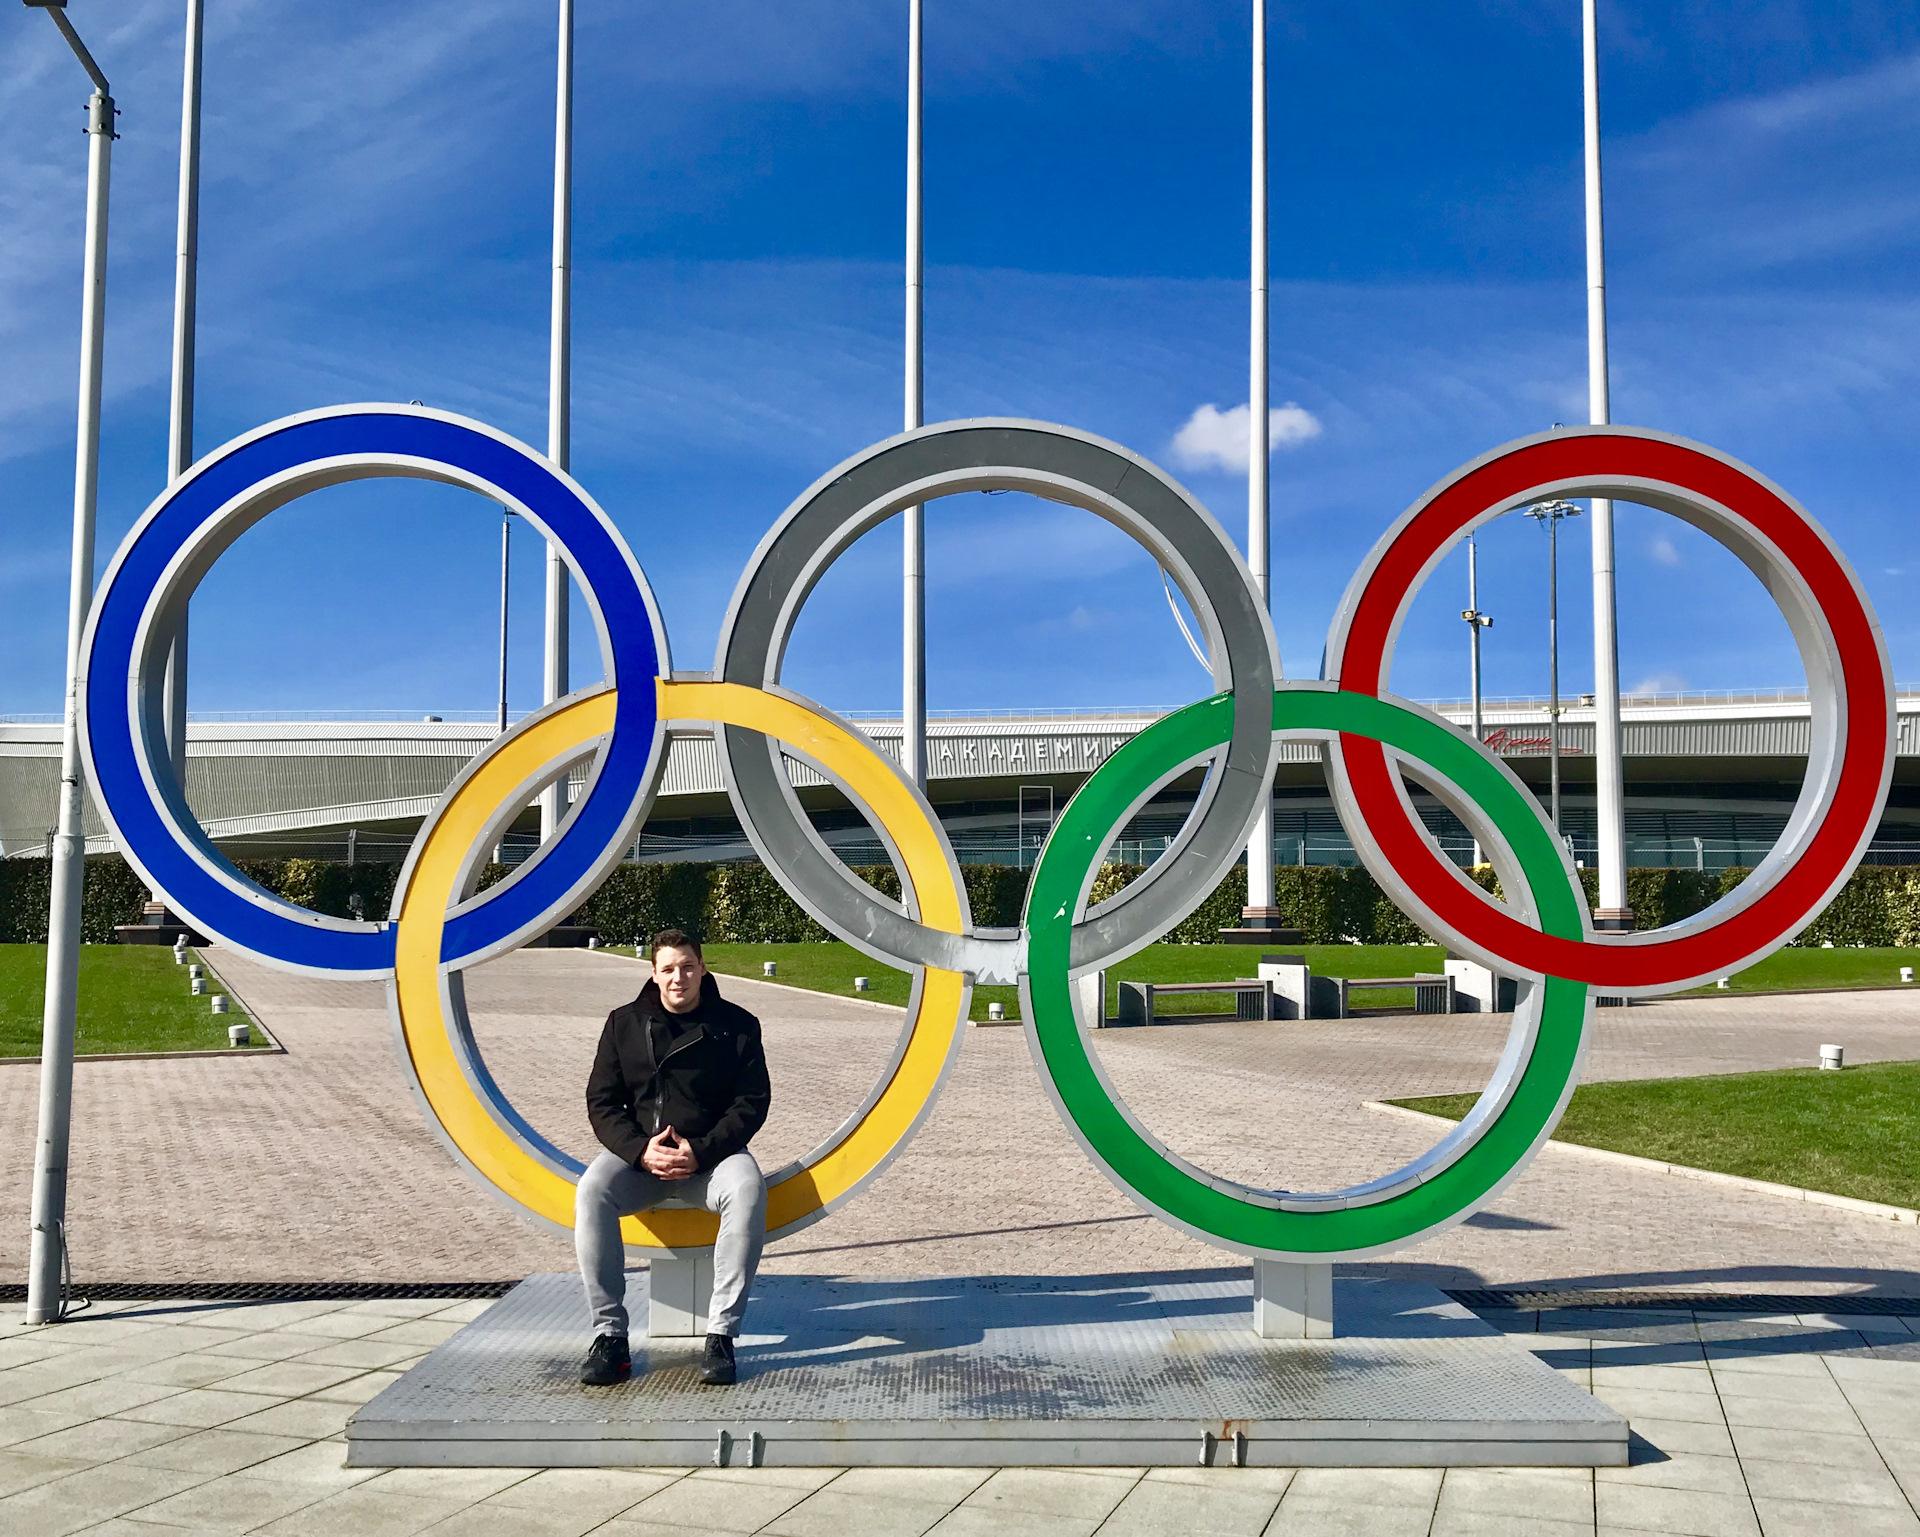 Памятник олимпийских колец фото